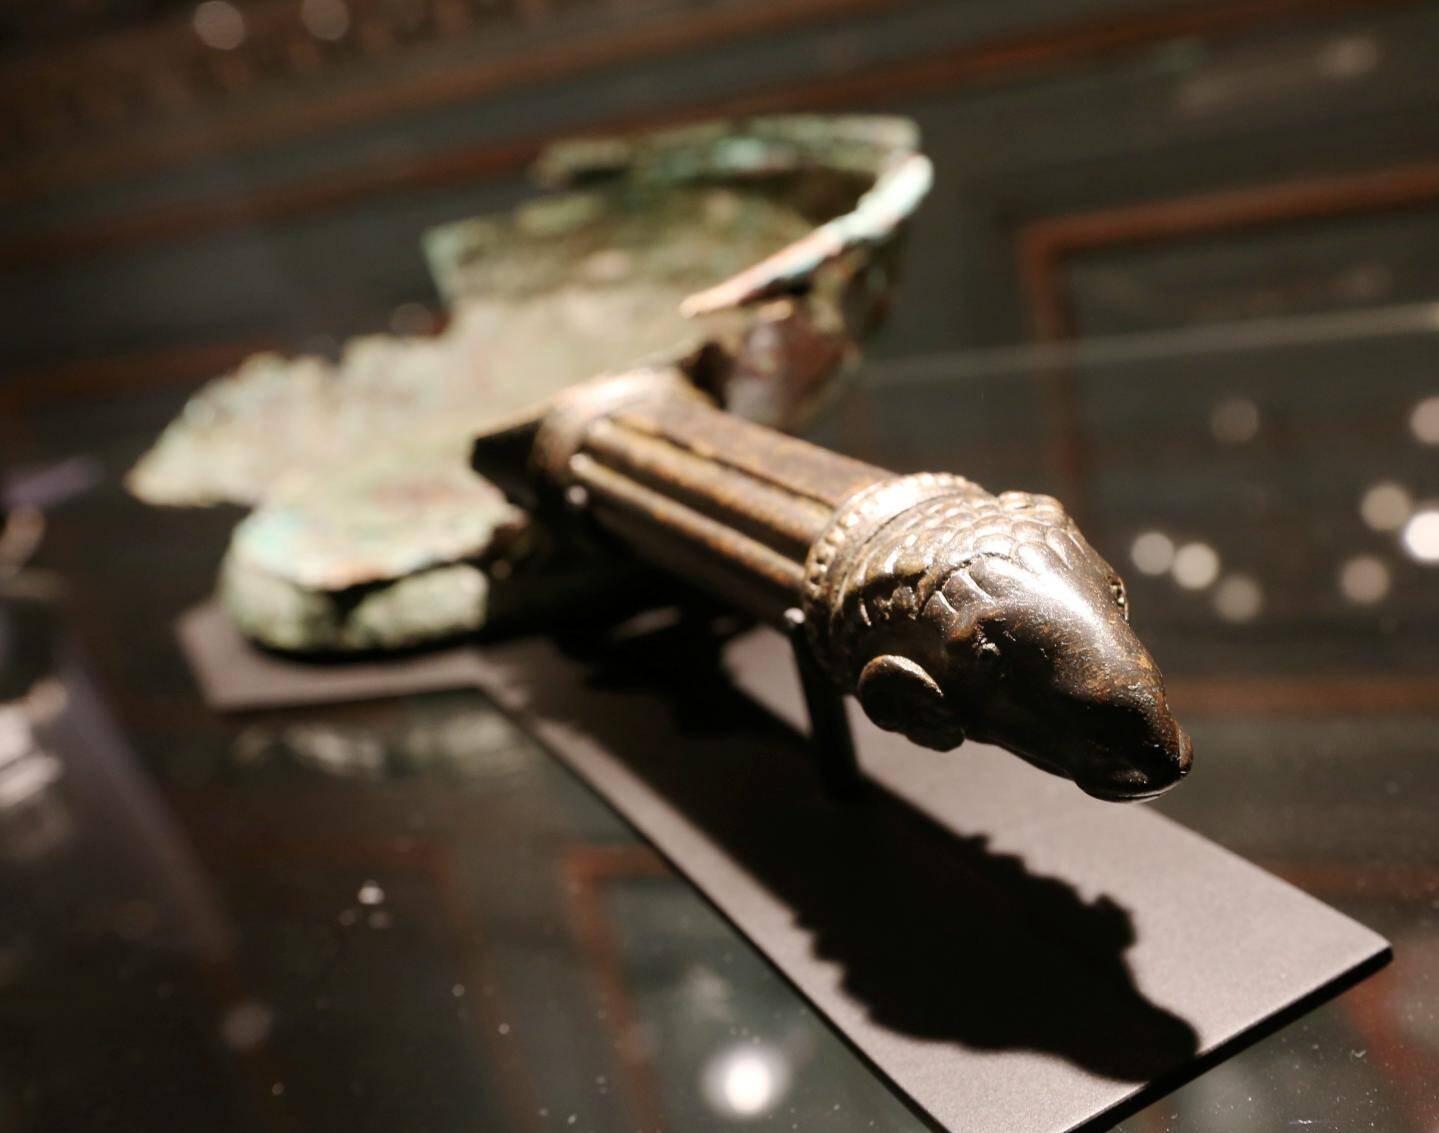 La poêle en bronze au manche zoomorphe.